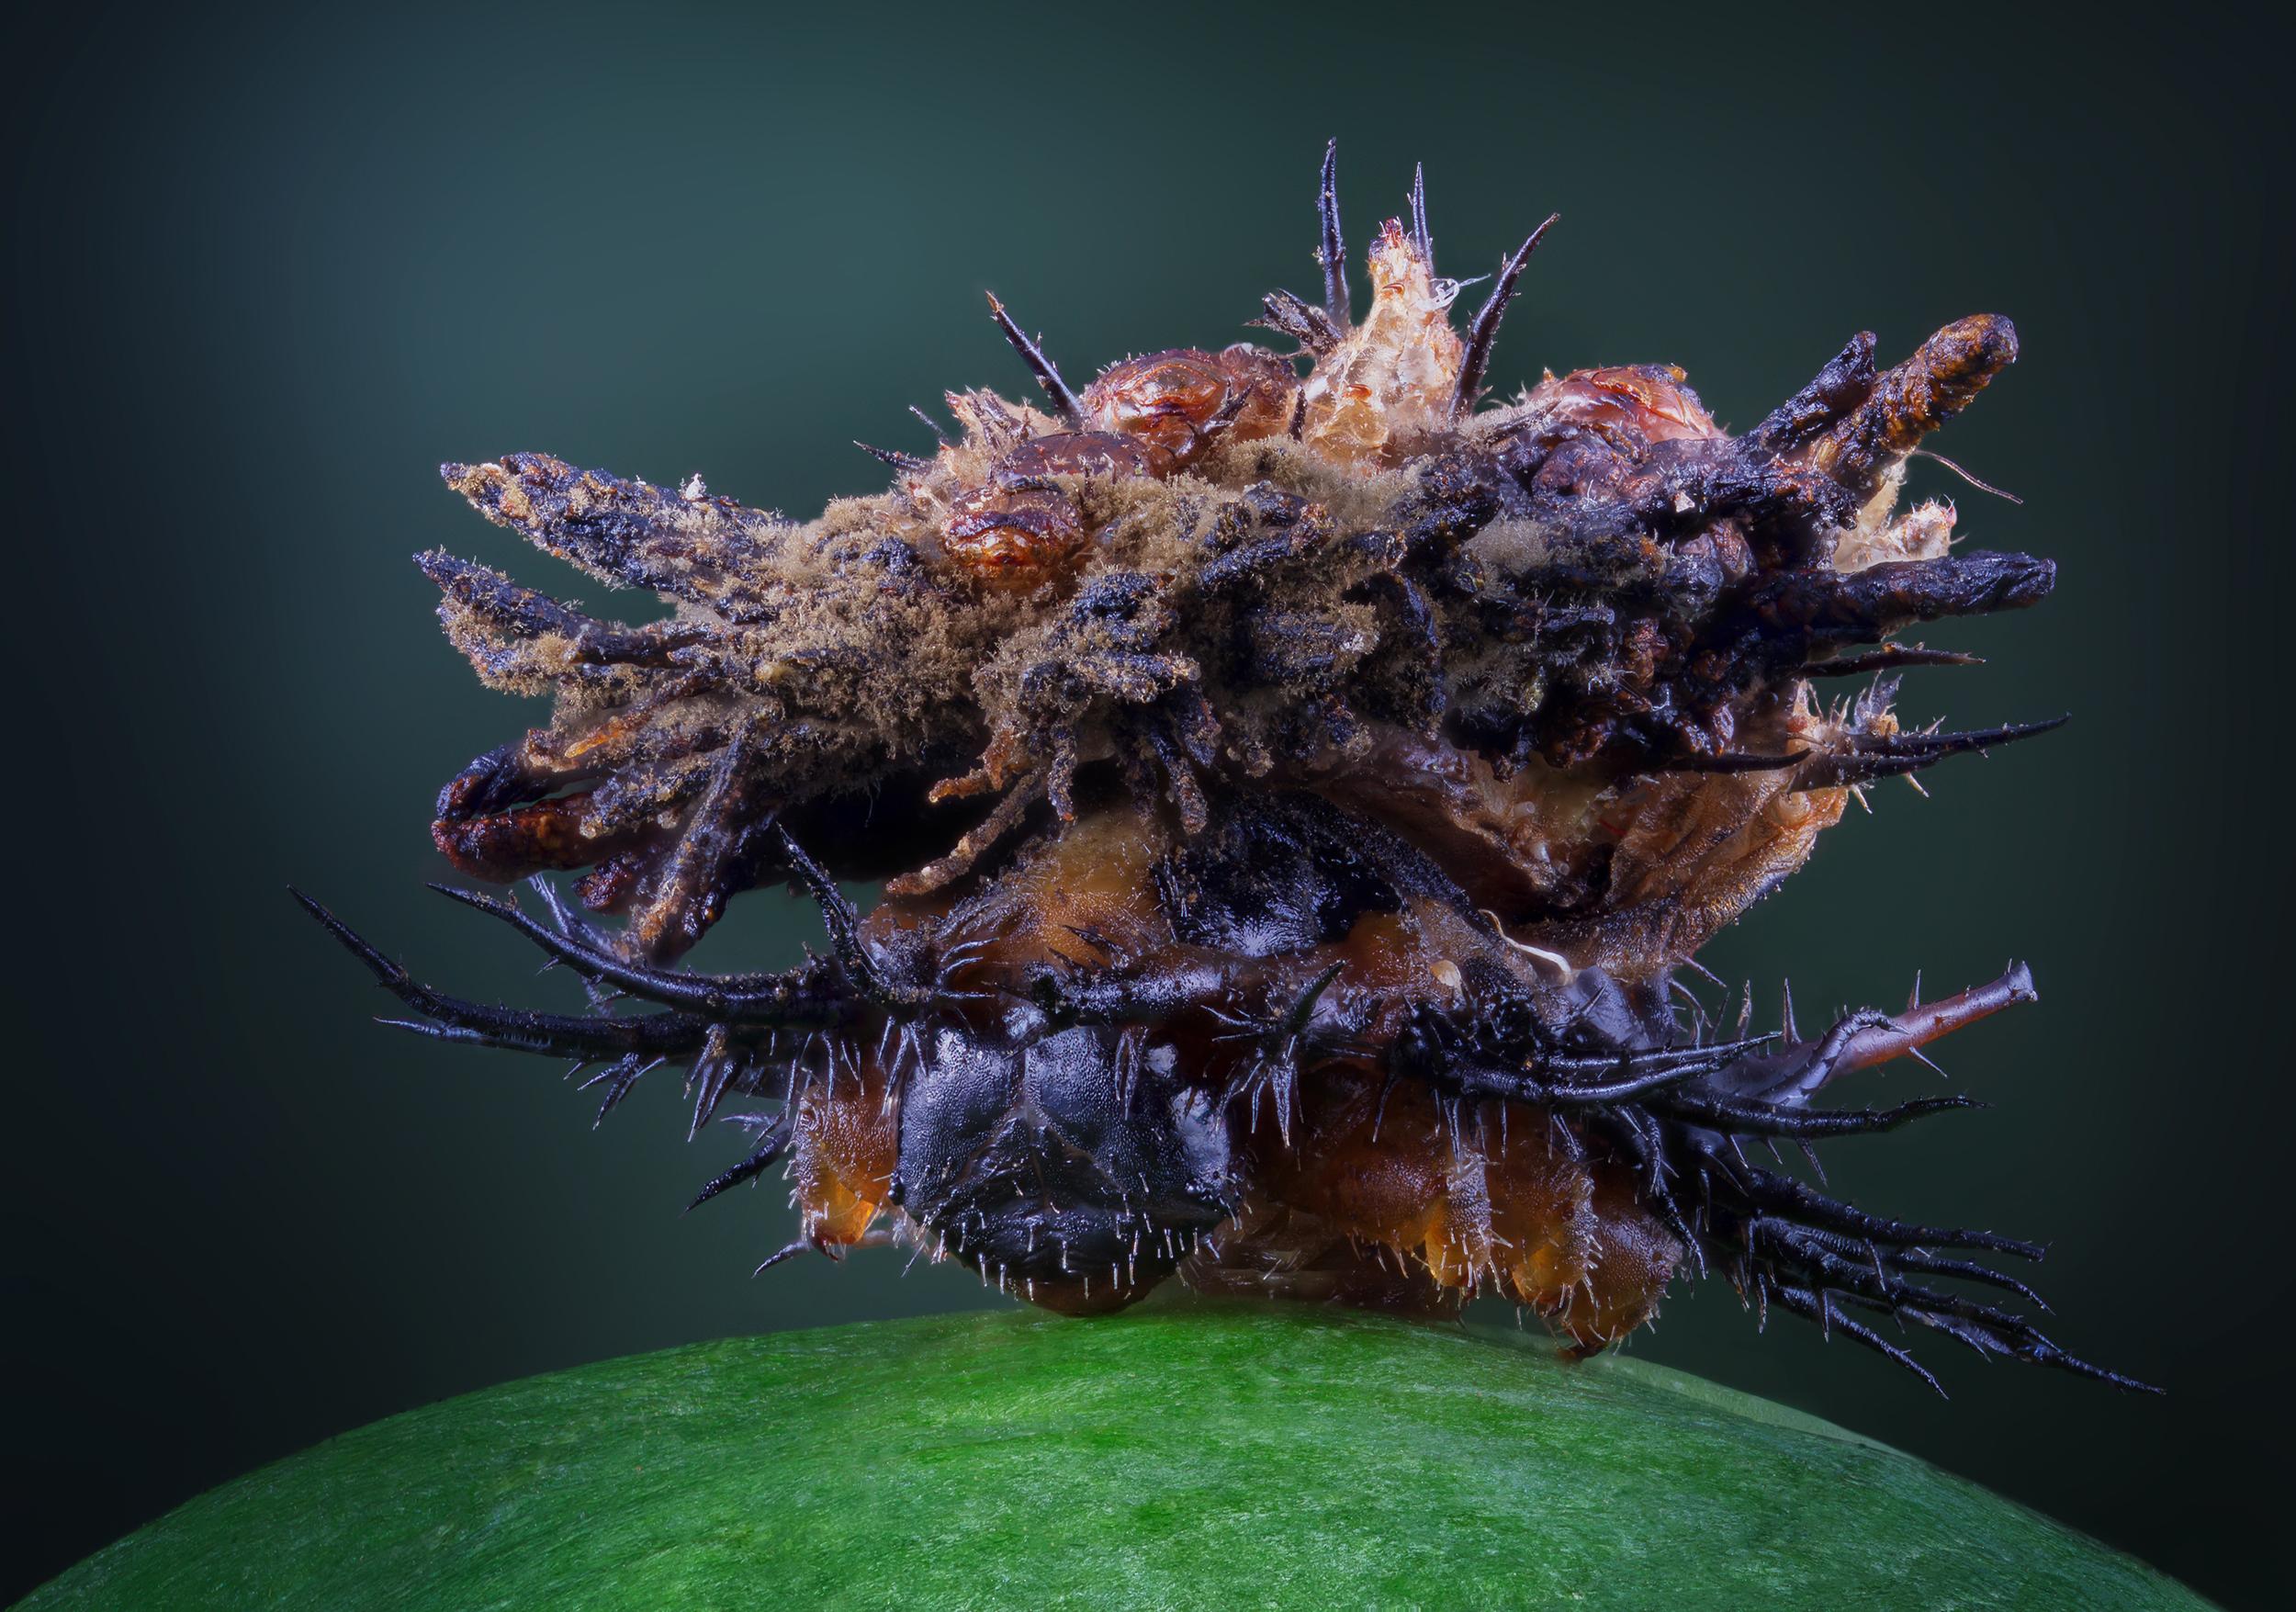 Larvae of a tortoise beetle